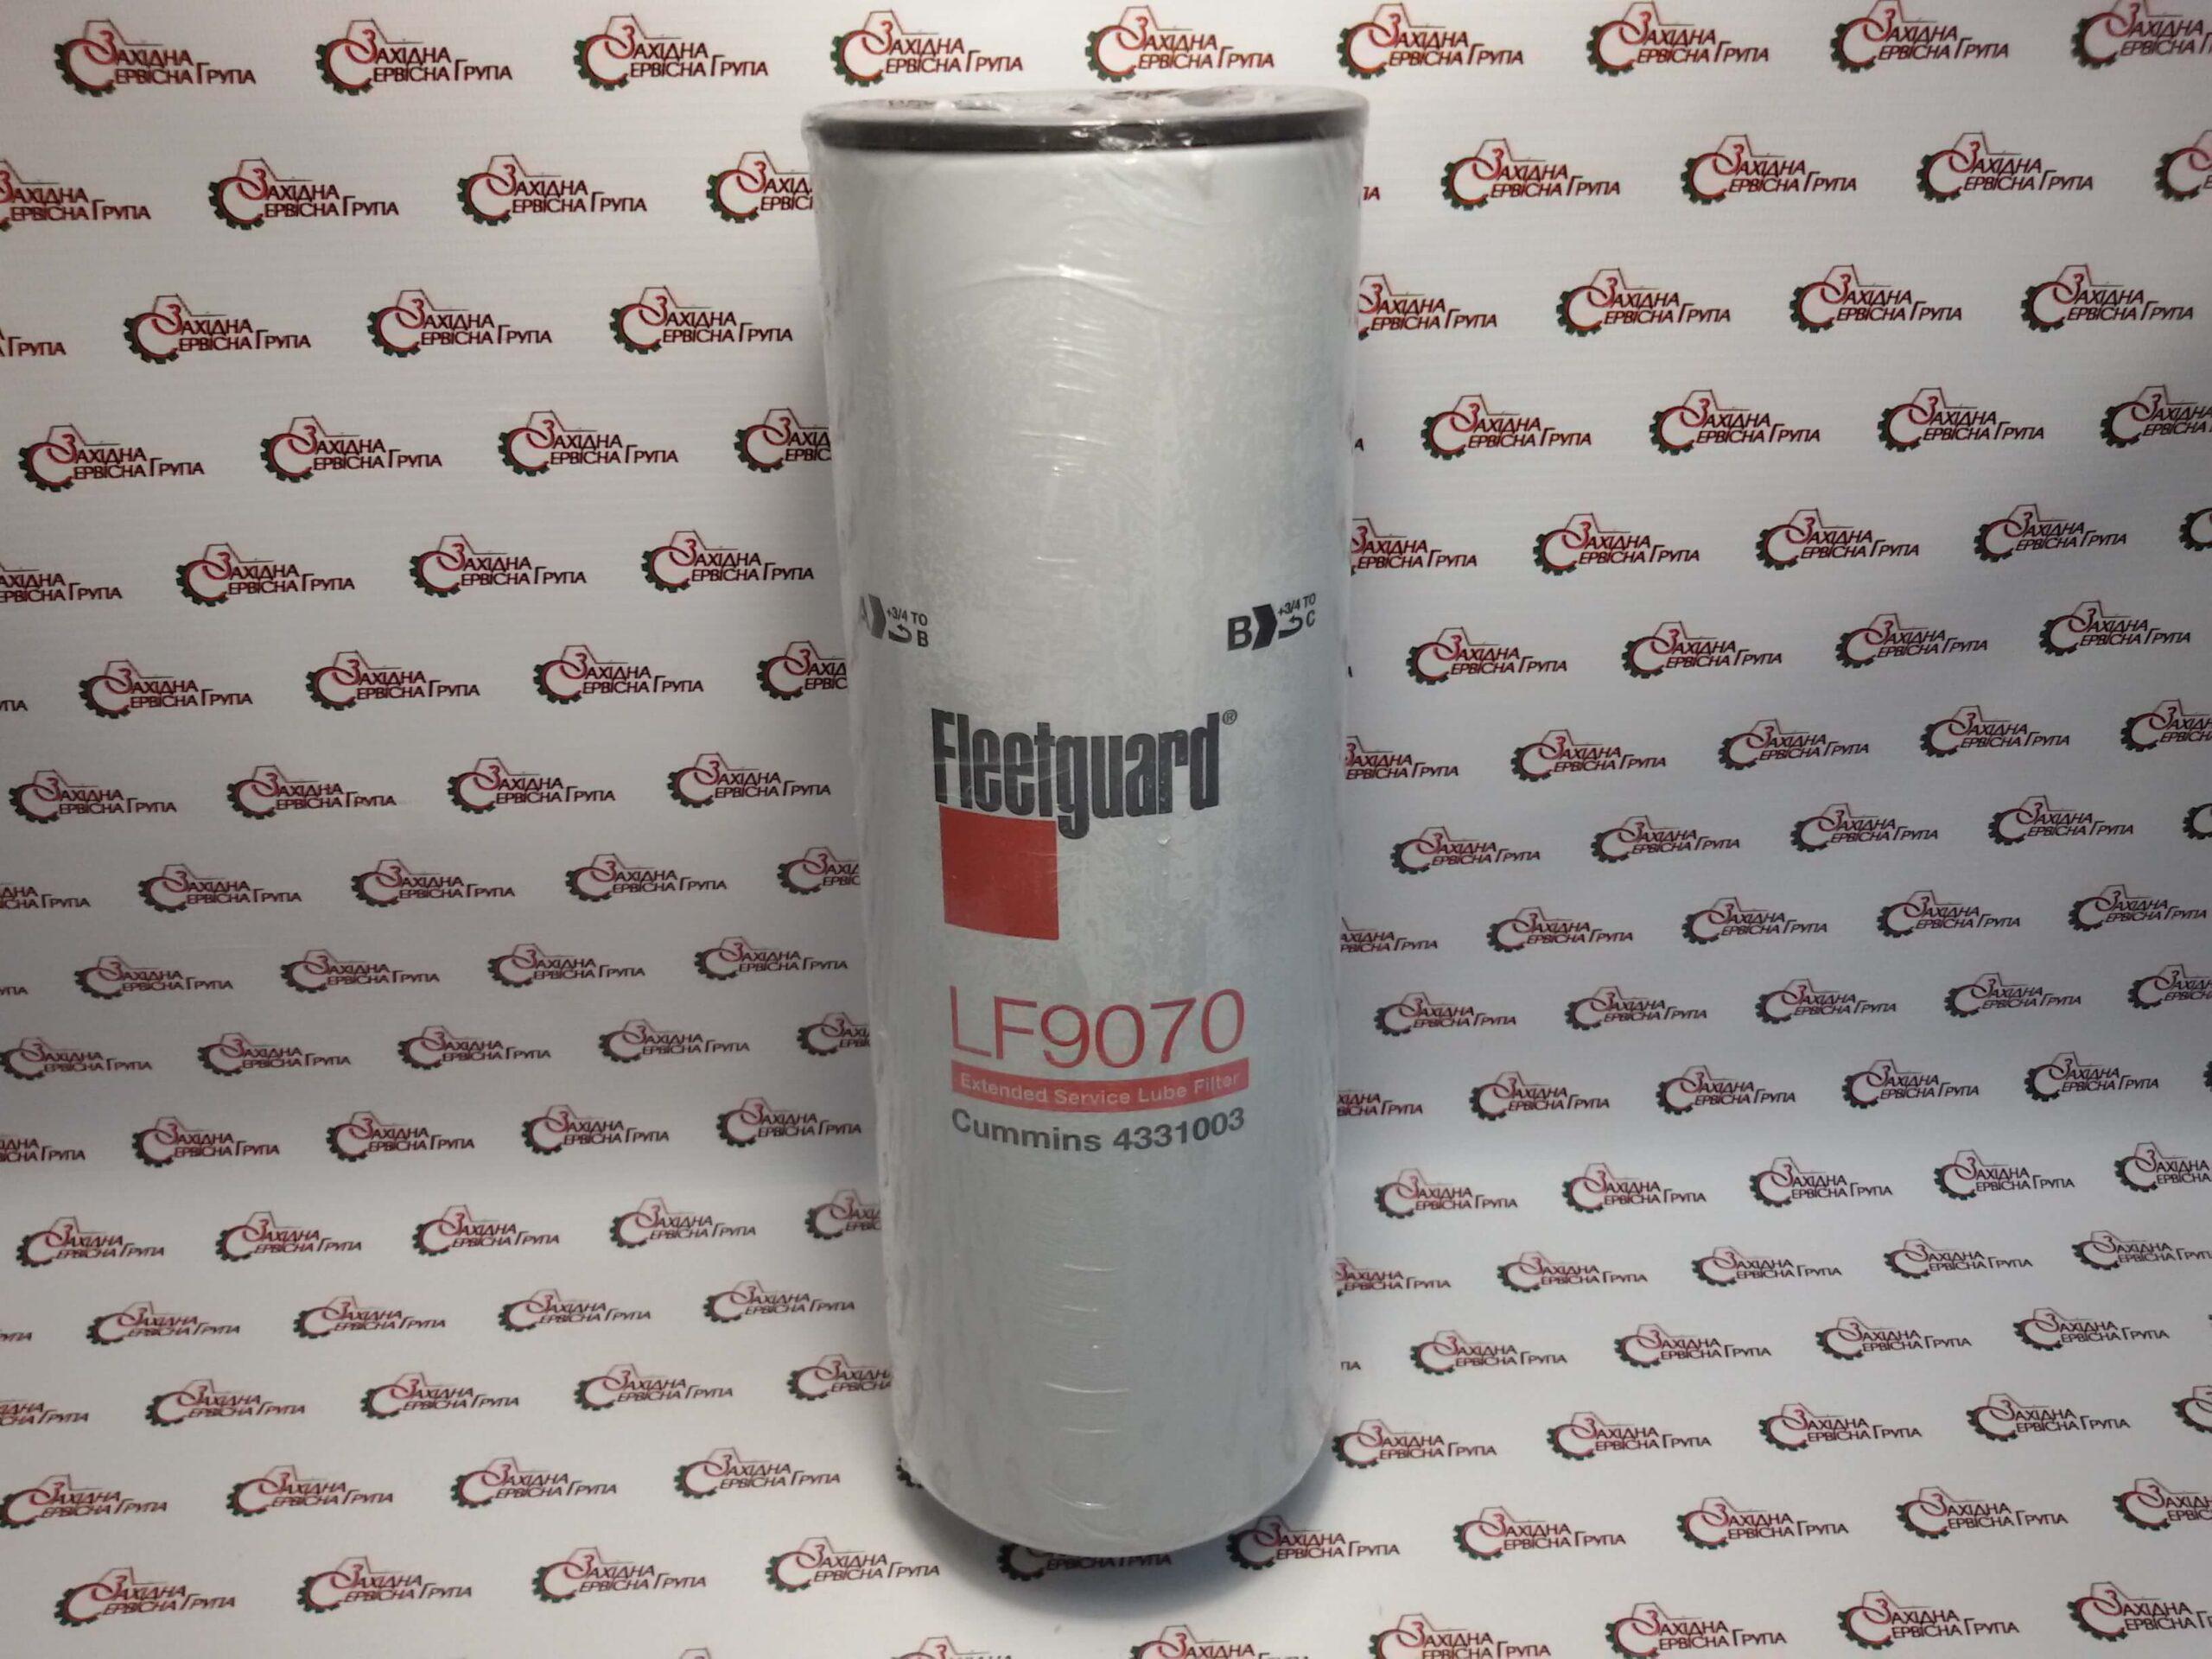 Фильтр масляный Cummins Fleetguard LF9070, 4331003.